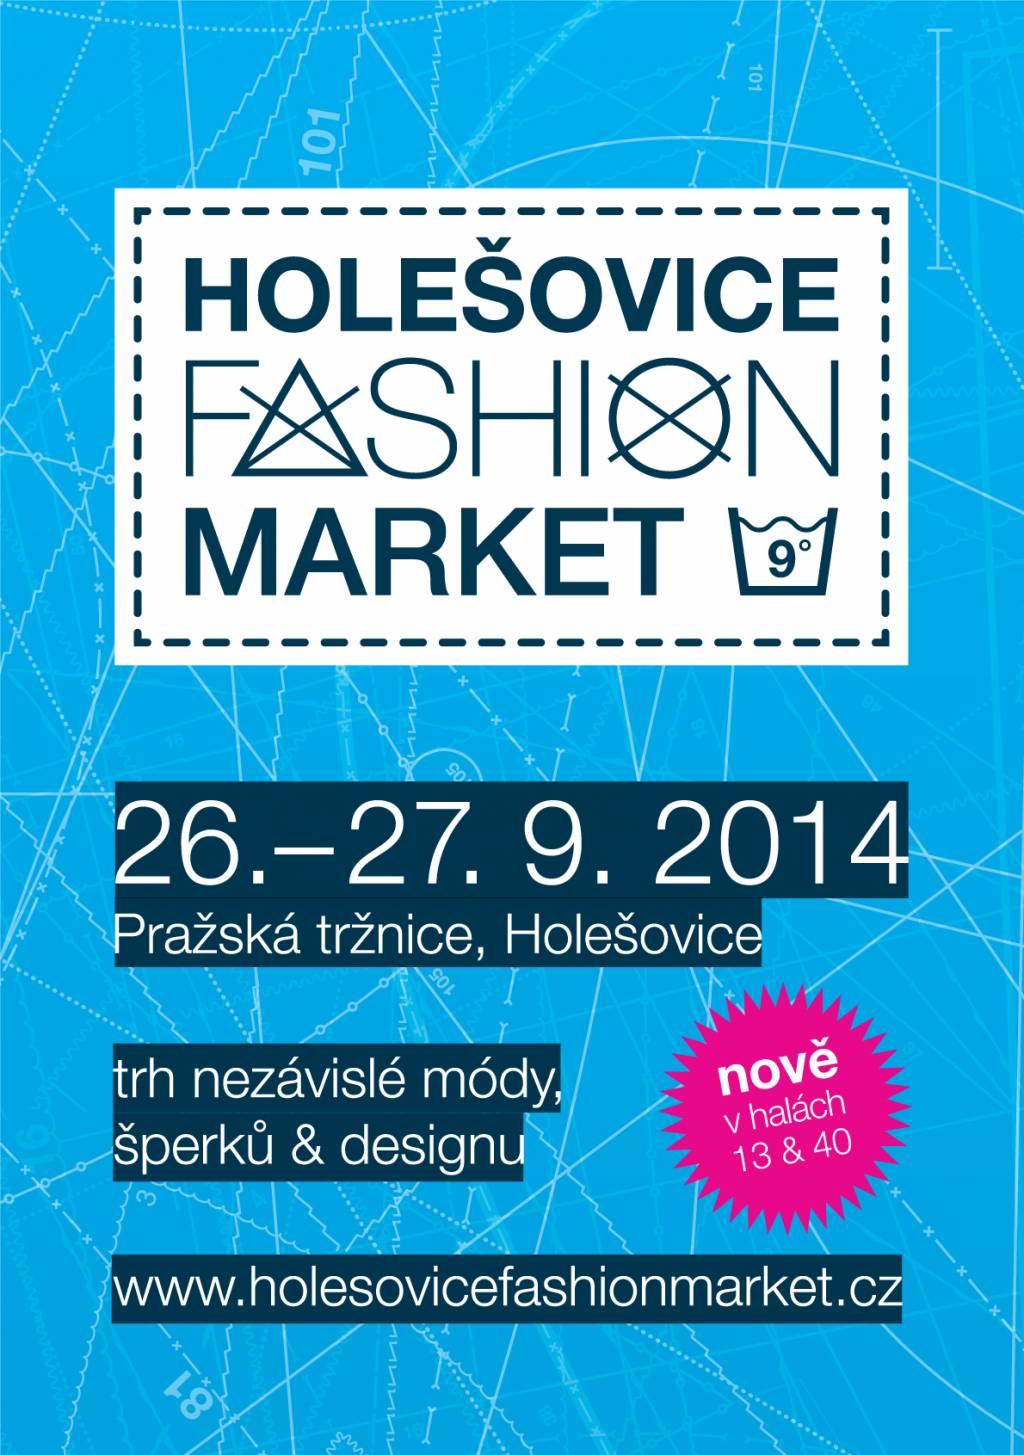 Zářijový Holešovice Fashion Market objevuje nové prostory Pražské tržnice